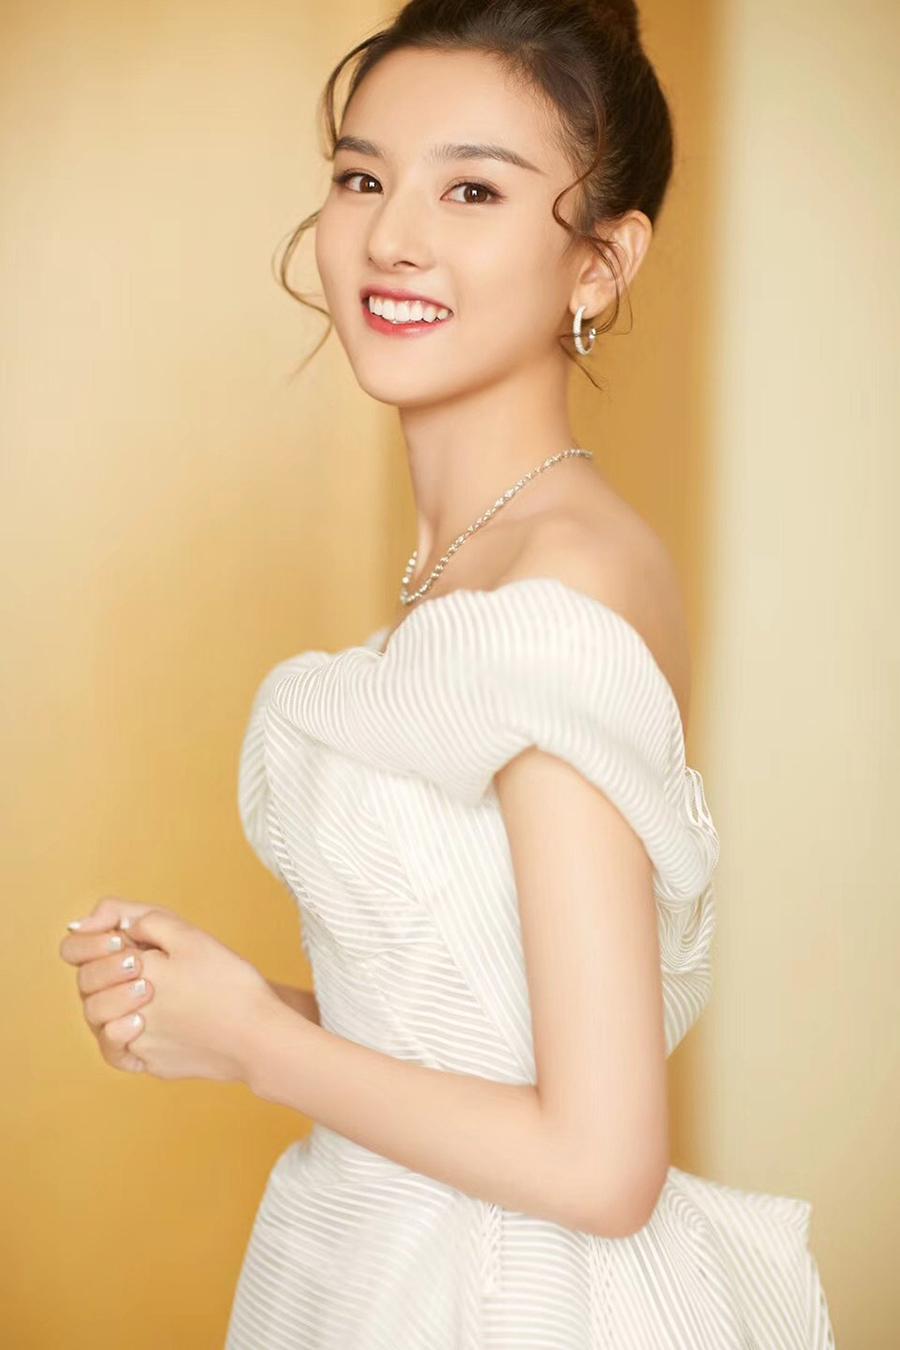 Nhan sắc Tống Tổ Nhi đời thường. Ngoài đóng phim, cô còn tham gia nhiều show truyền hình, là gương mặt đại diện nhiều thương hiệu thời trang, mỹ phẩm. Theo Beijing News, diễn viên xếp thứ 31 trong danh sách ngôi sao phổ biến với người tiêu dùng.